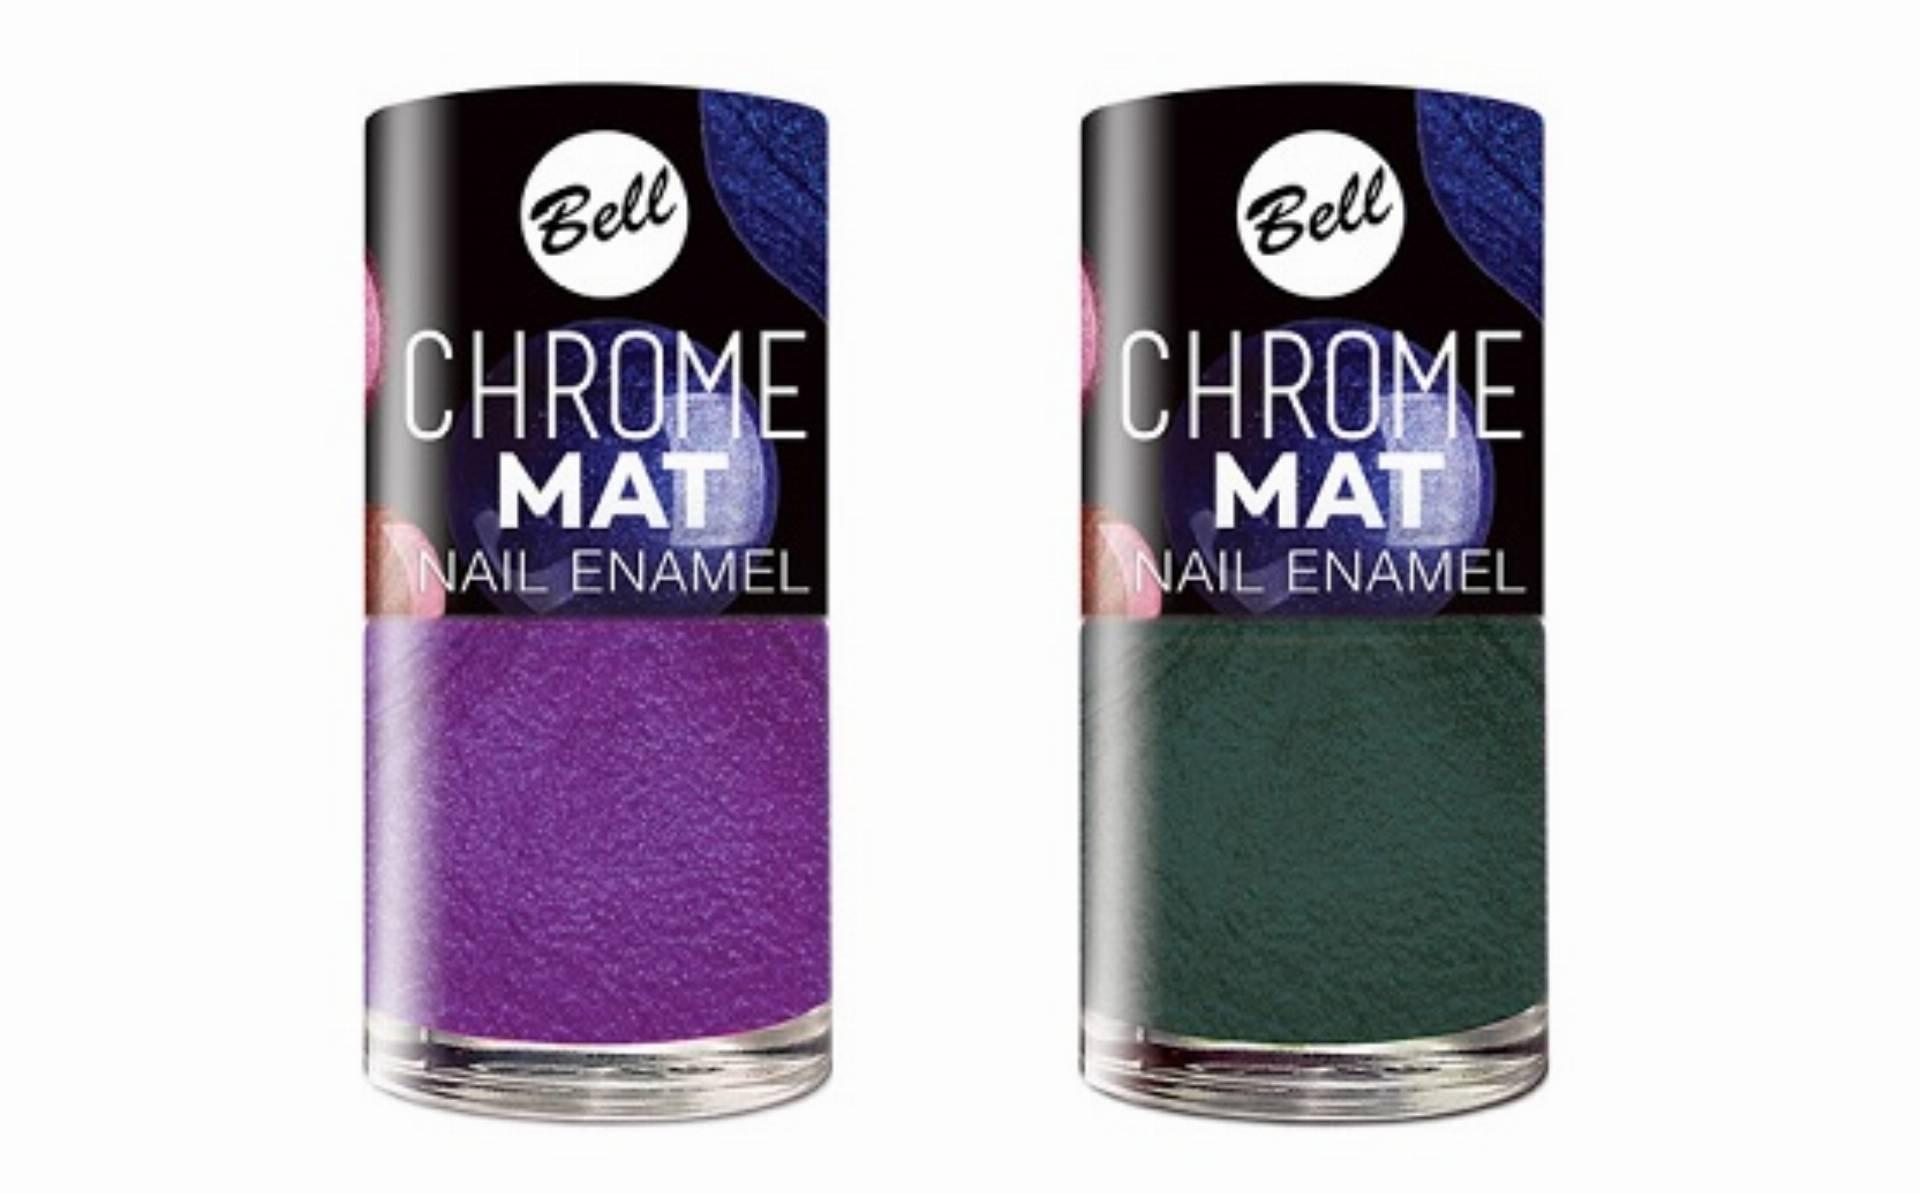 Lakiery Bell Chrome MAT (2)